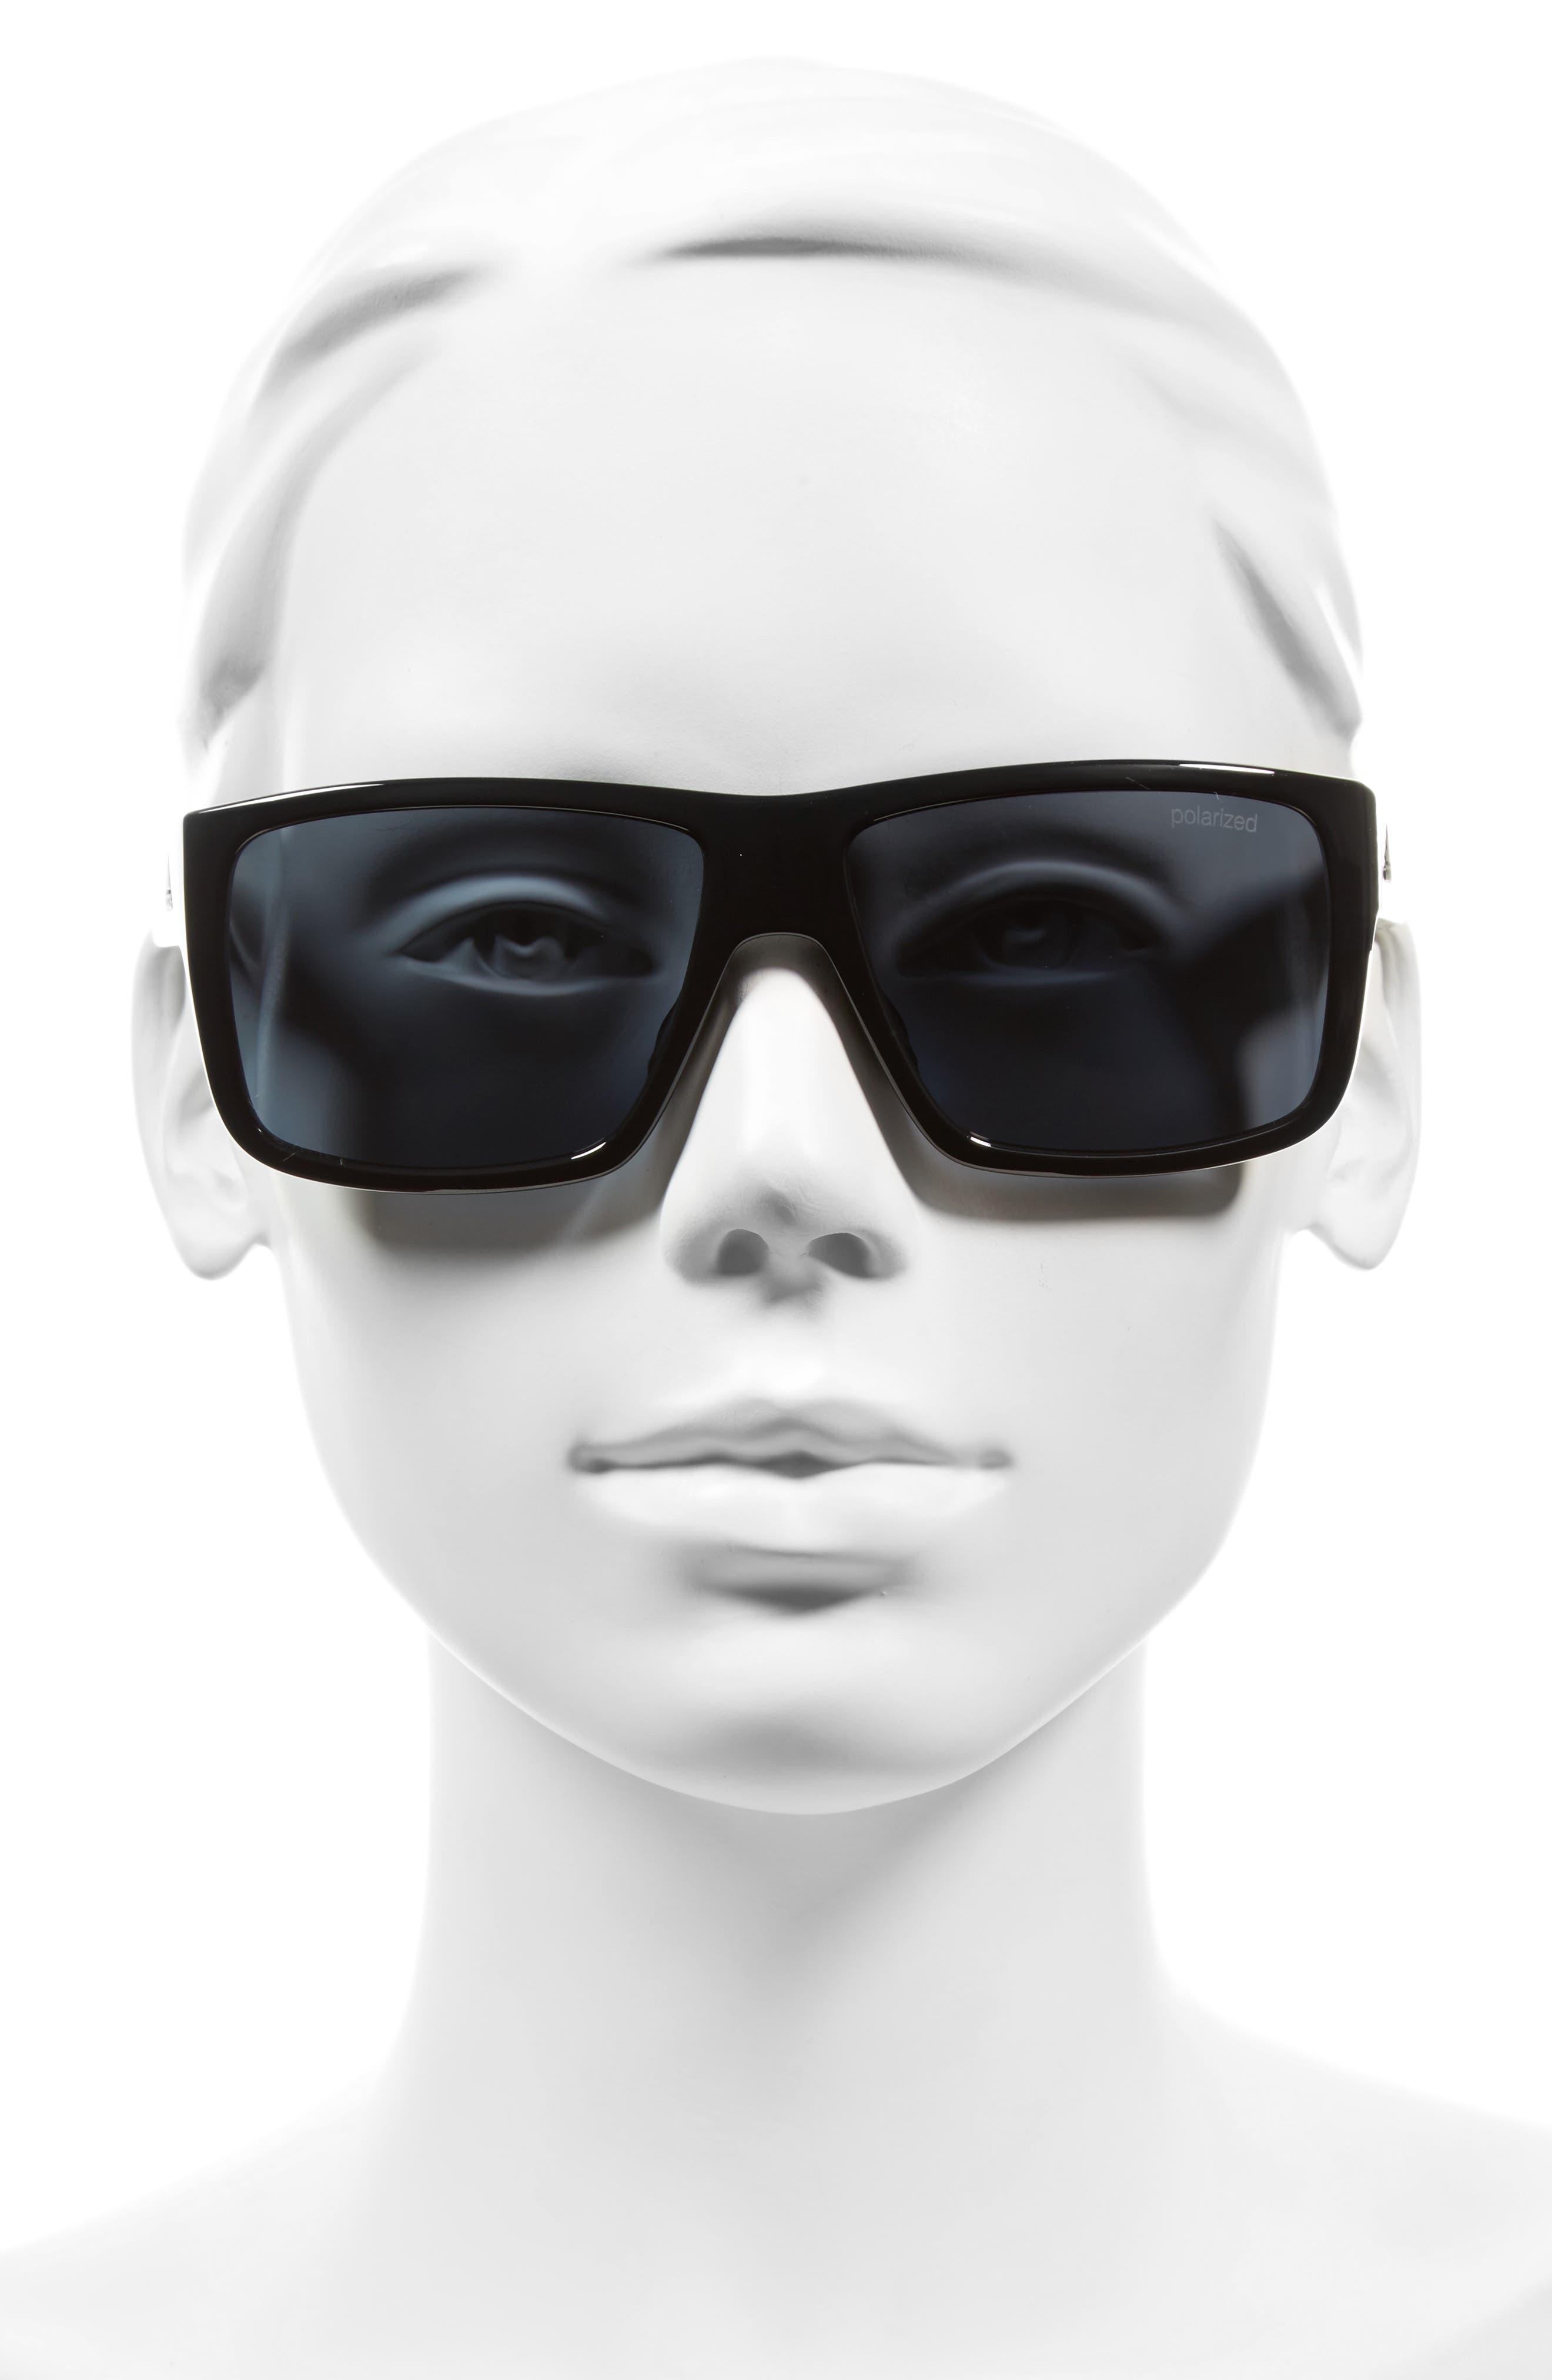 Matic 59mm Sunglasses,                             Alternate thumbnail 2, color,                             SHINY BLACK/ GREY POLAR